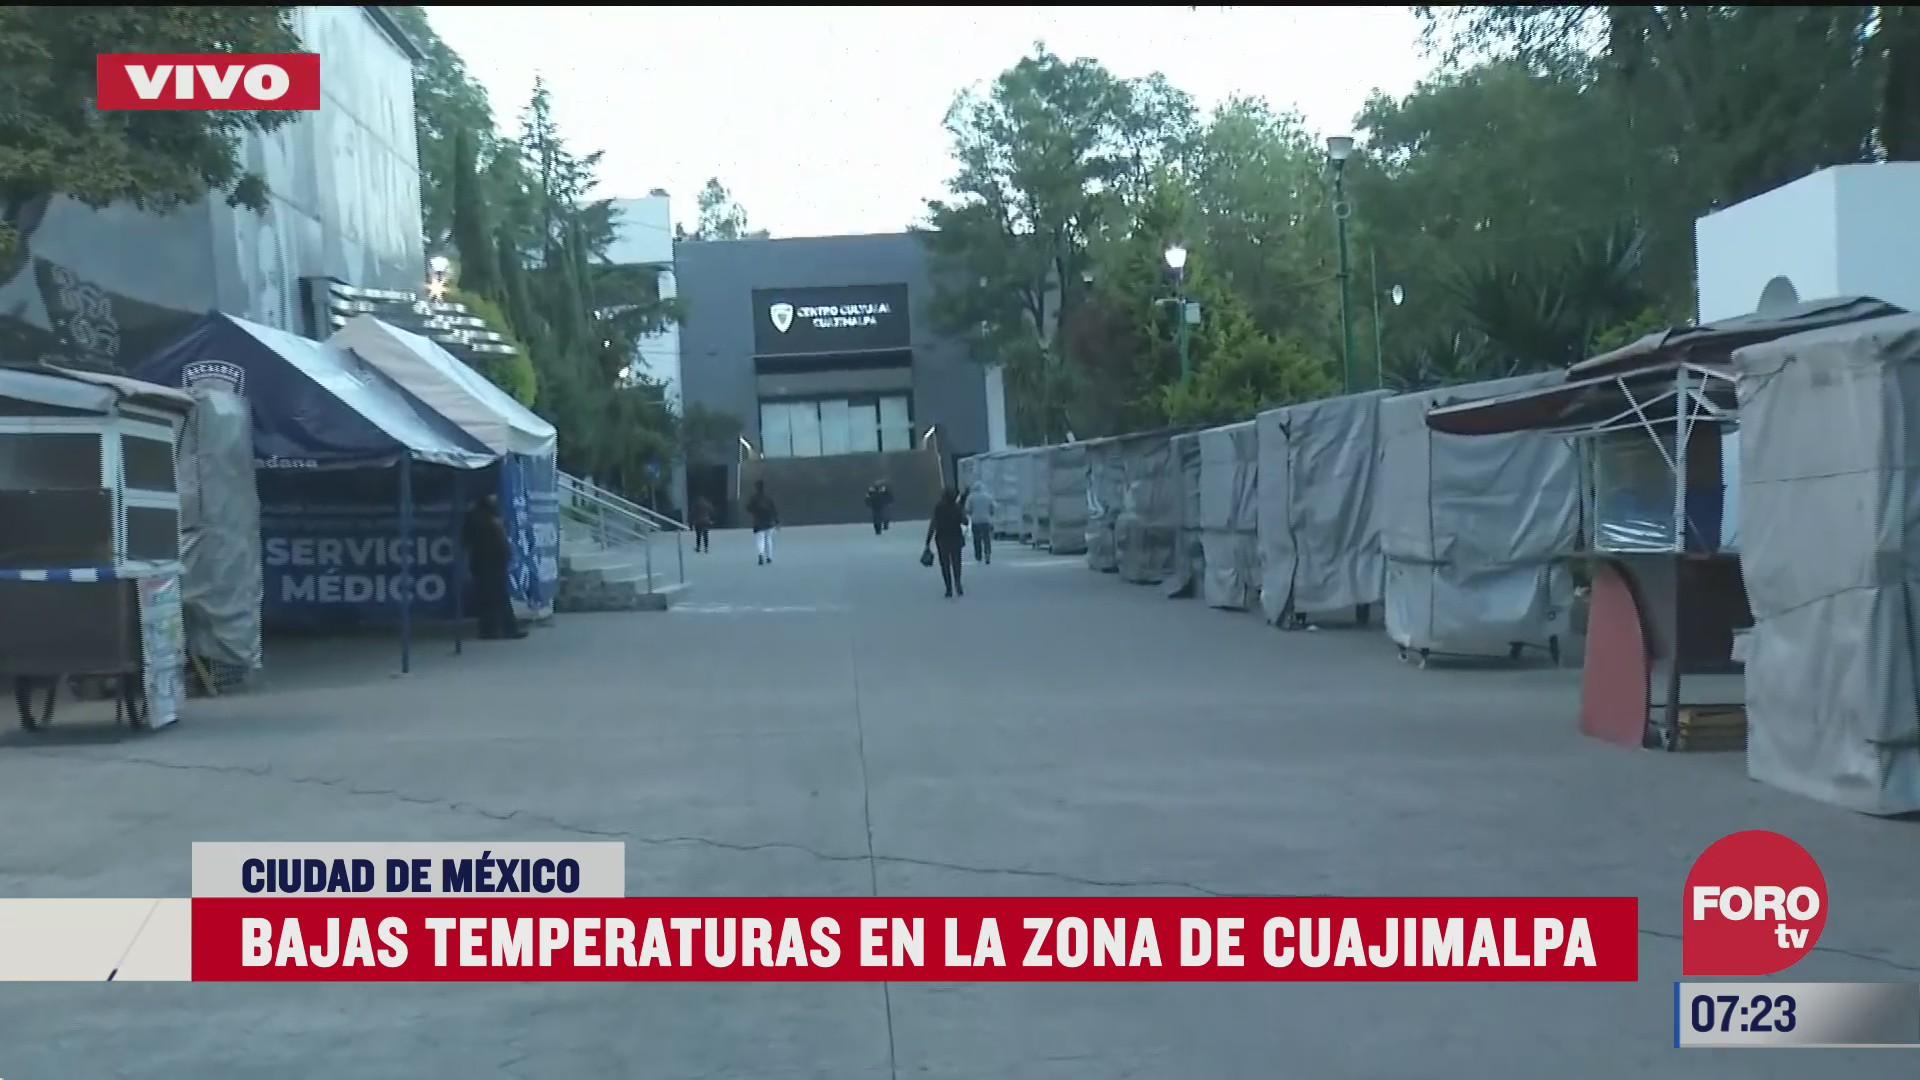 bajas temperaturas en la alcaldia cuajimalpa en la cdmx